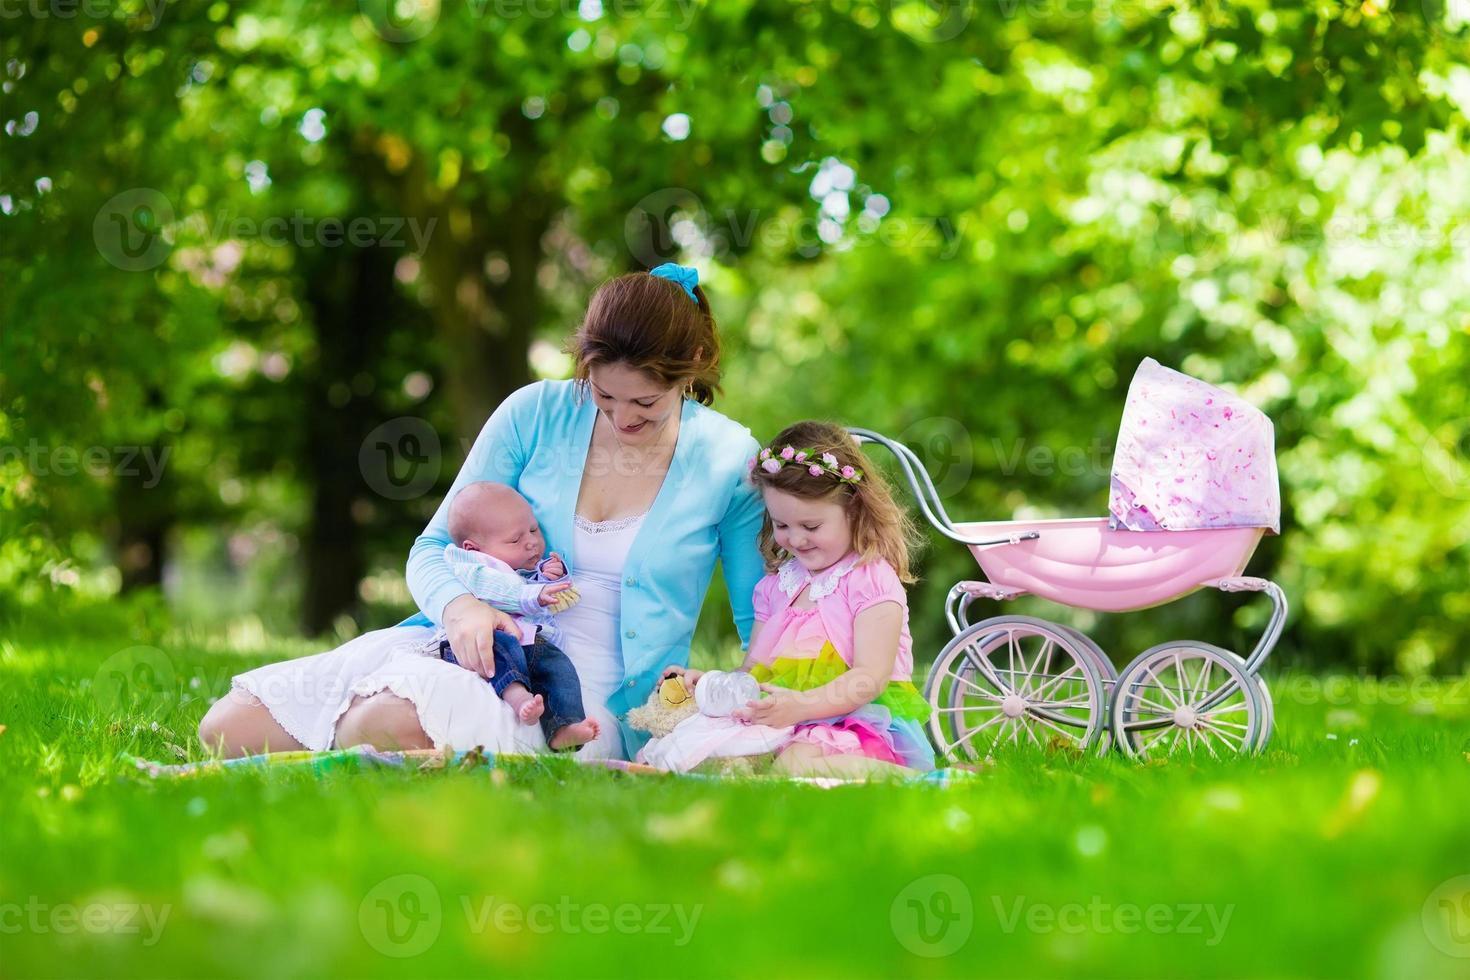 mor och barn njuter av picknick utomhus foto